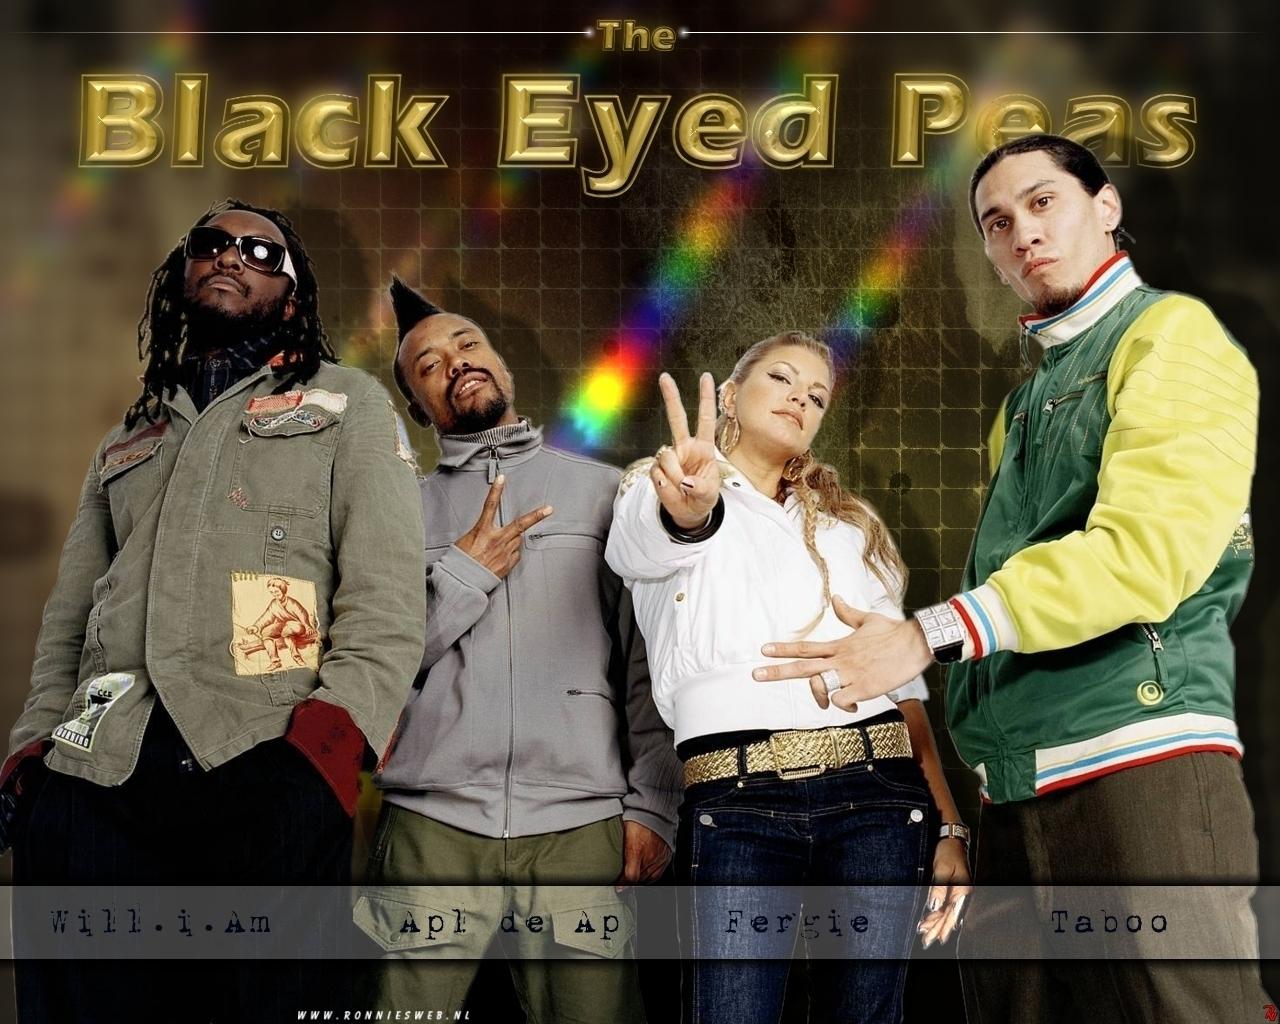 Black Eyed Peas - 壁紙